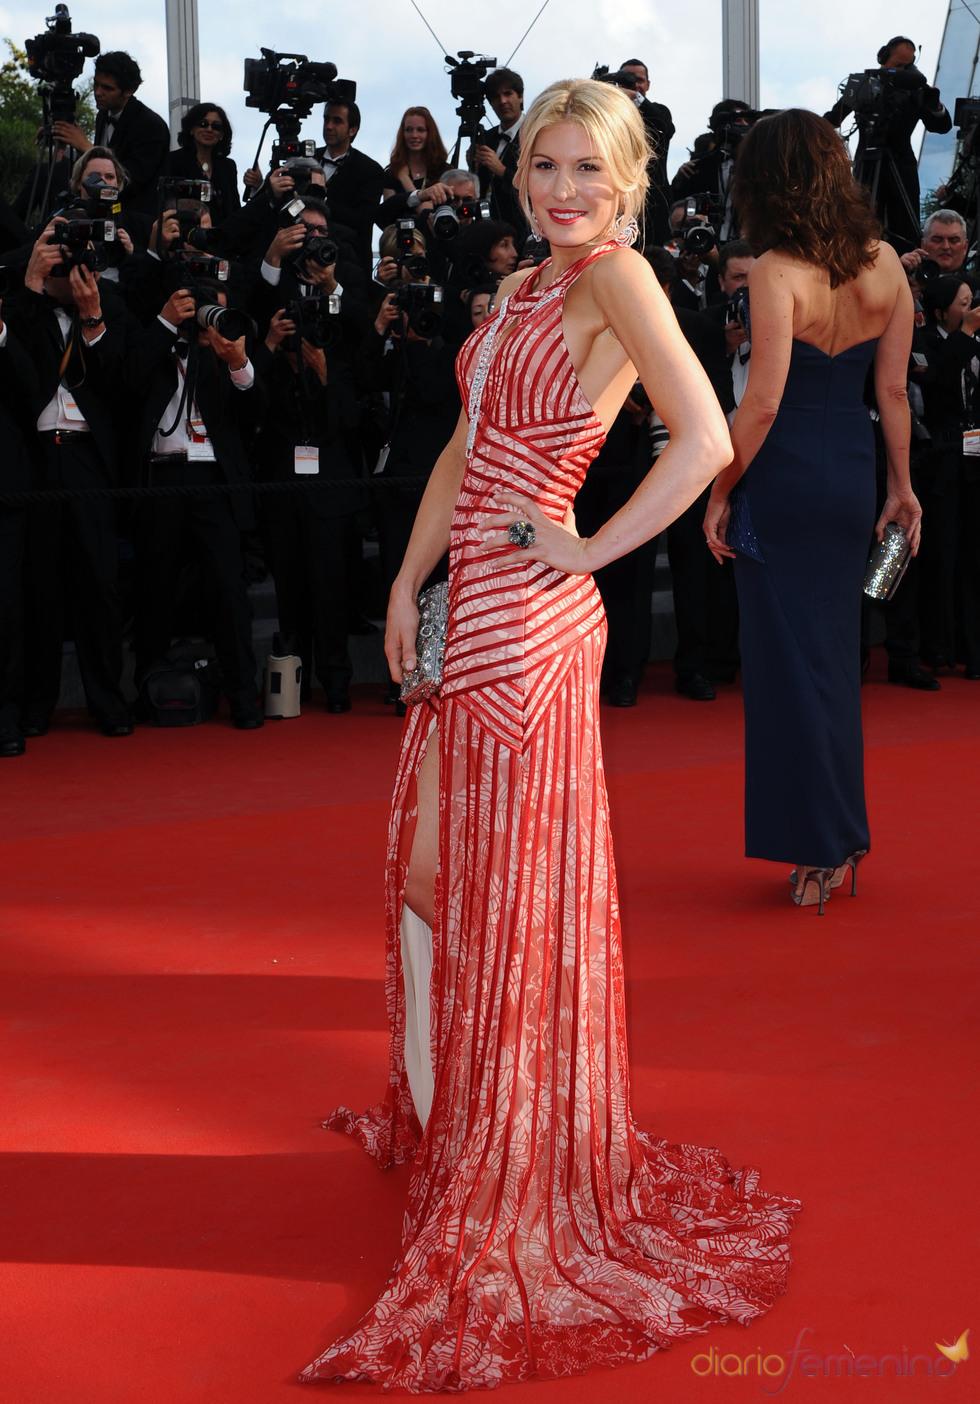 Hofit Golan en el Festival de Cine de Cannes